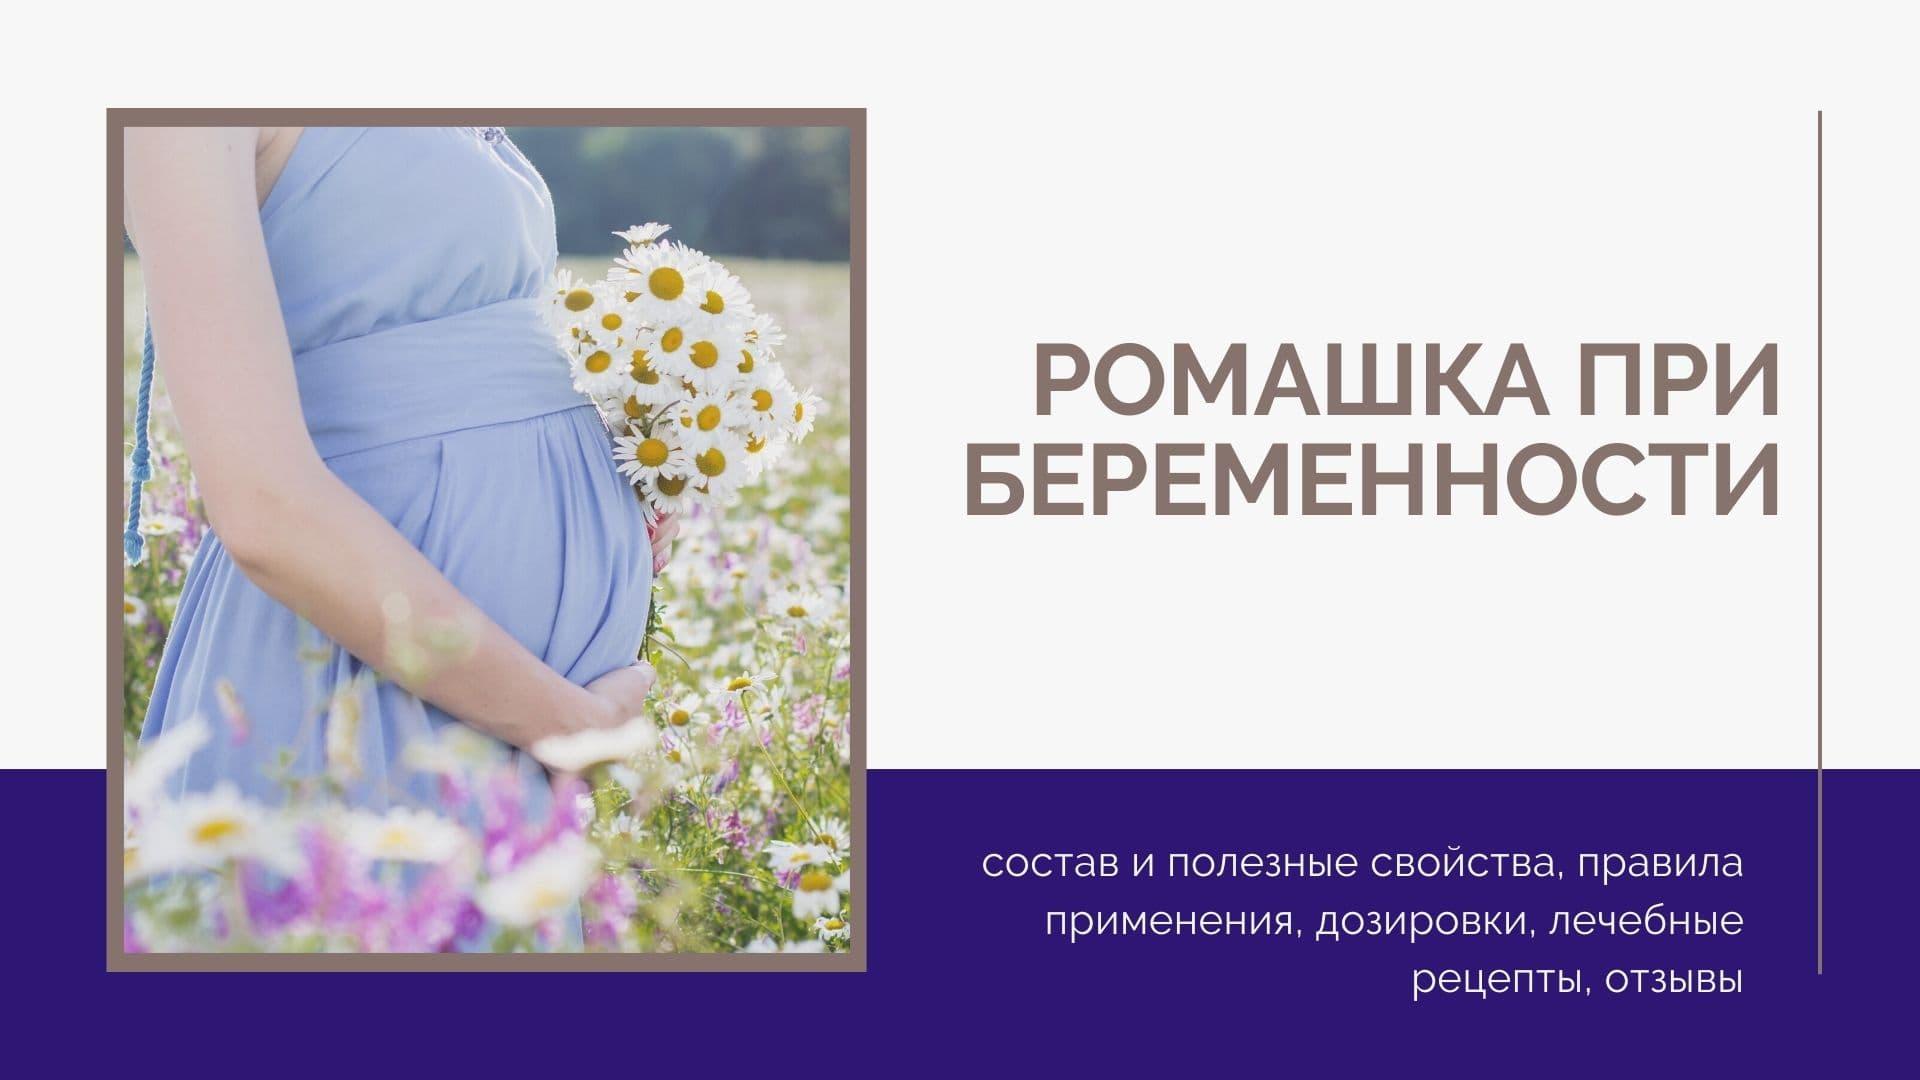 Ромашка при беременности: состав и полезные свойства, правила применения, дозировки, лечебные рецепты, отзывы